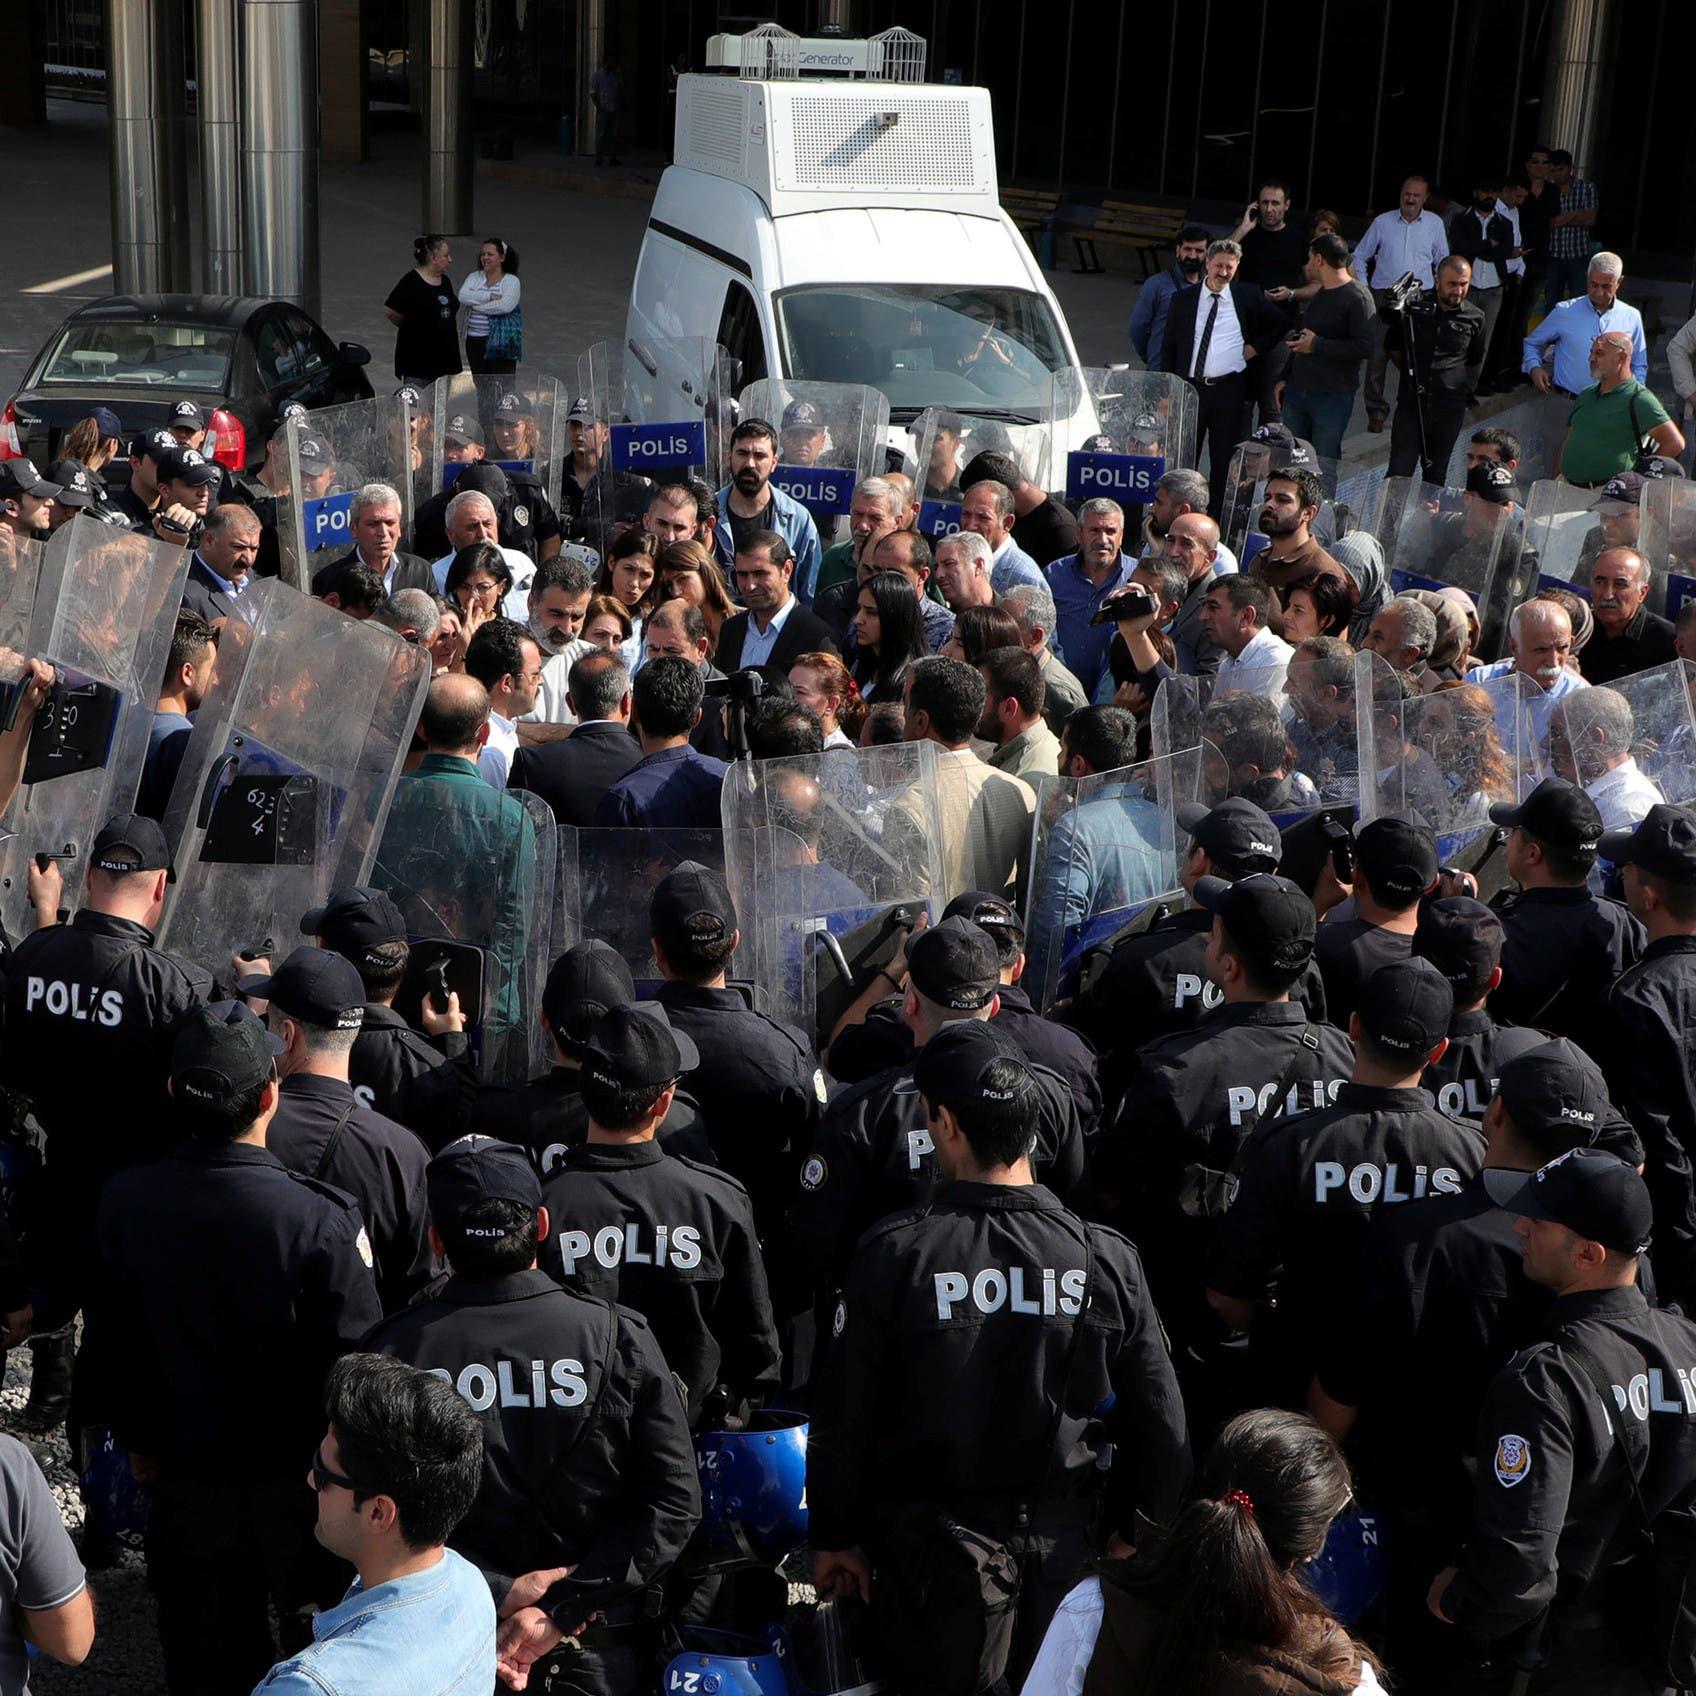 ضرب واعتقال.. الشرطة التركية تفرق احتجاجاً لحزب معارض